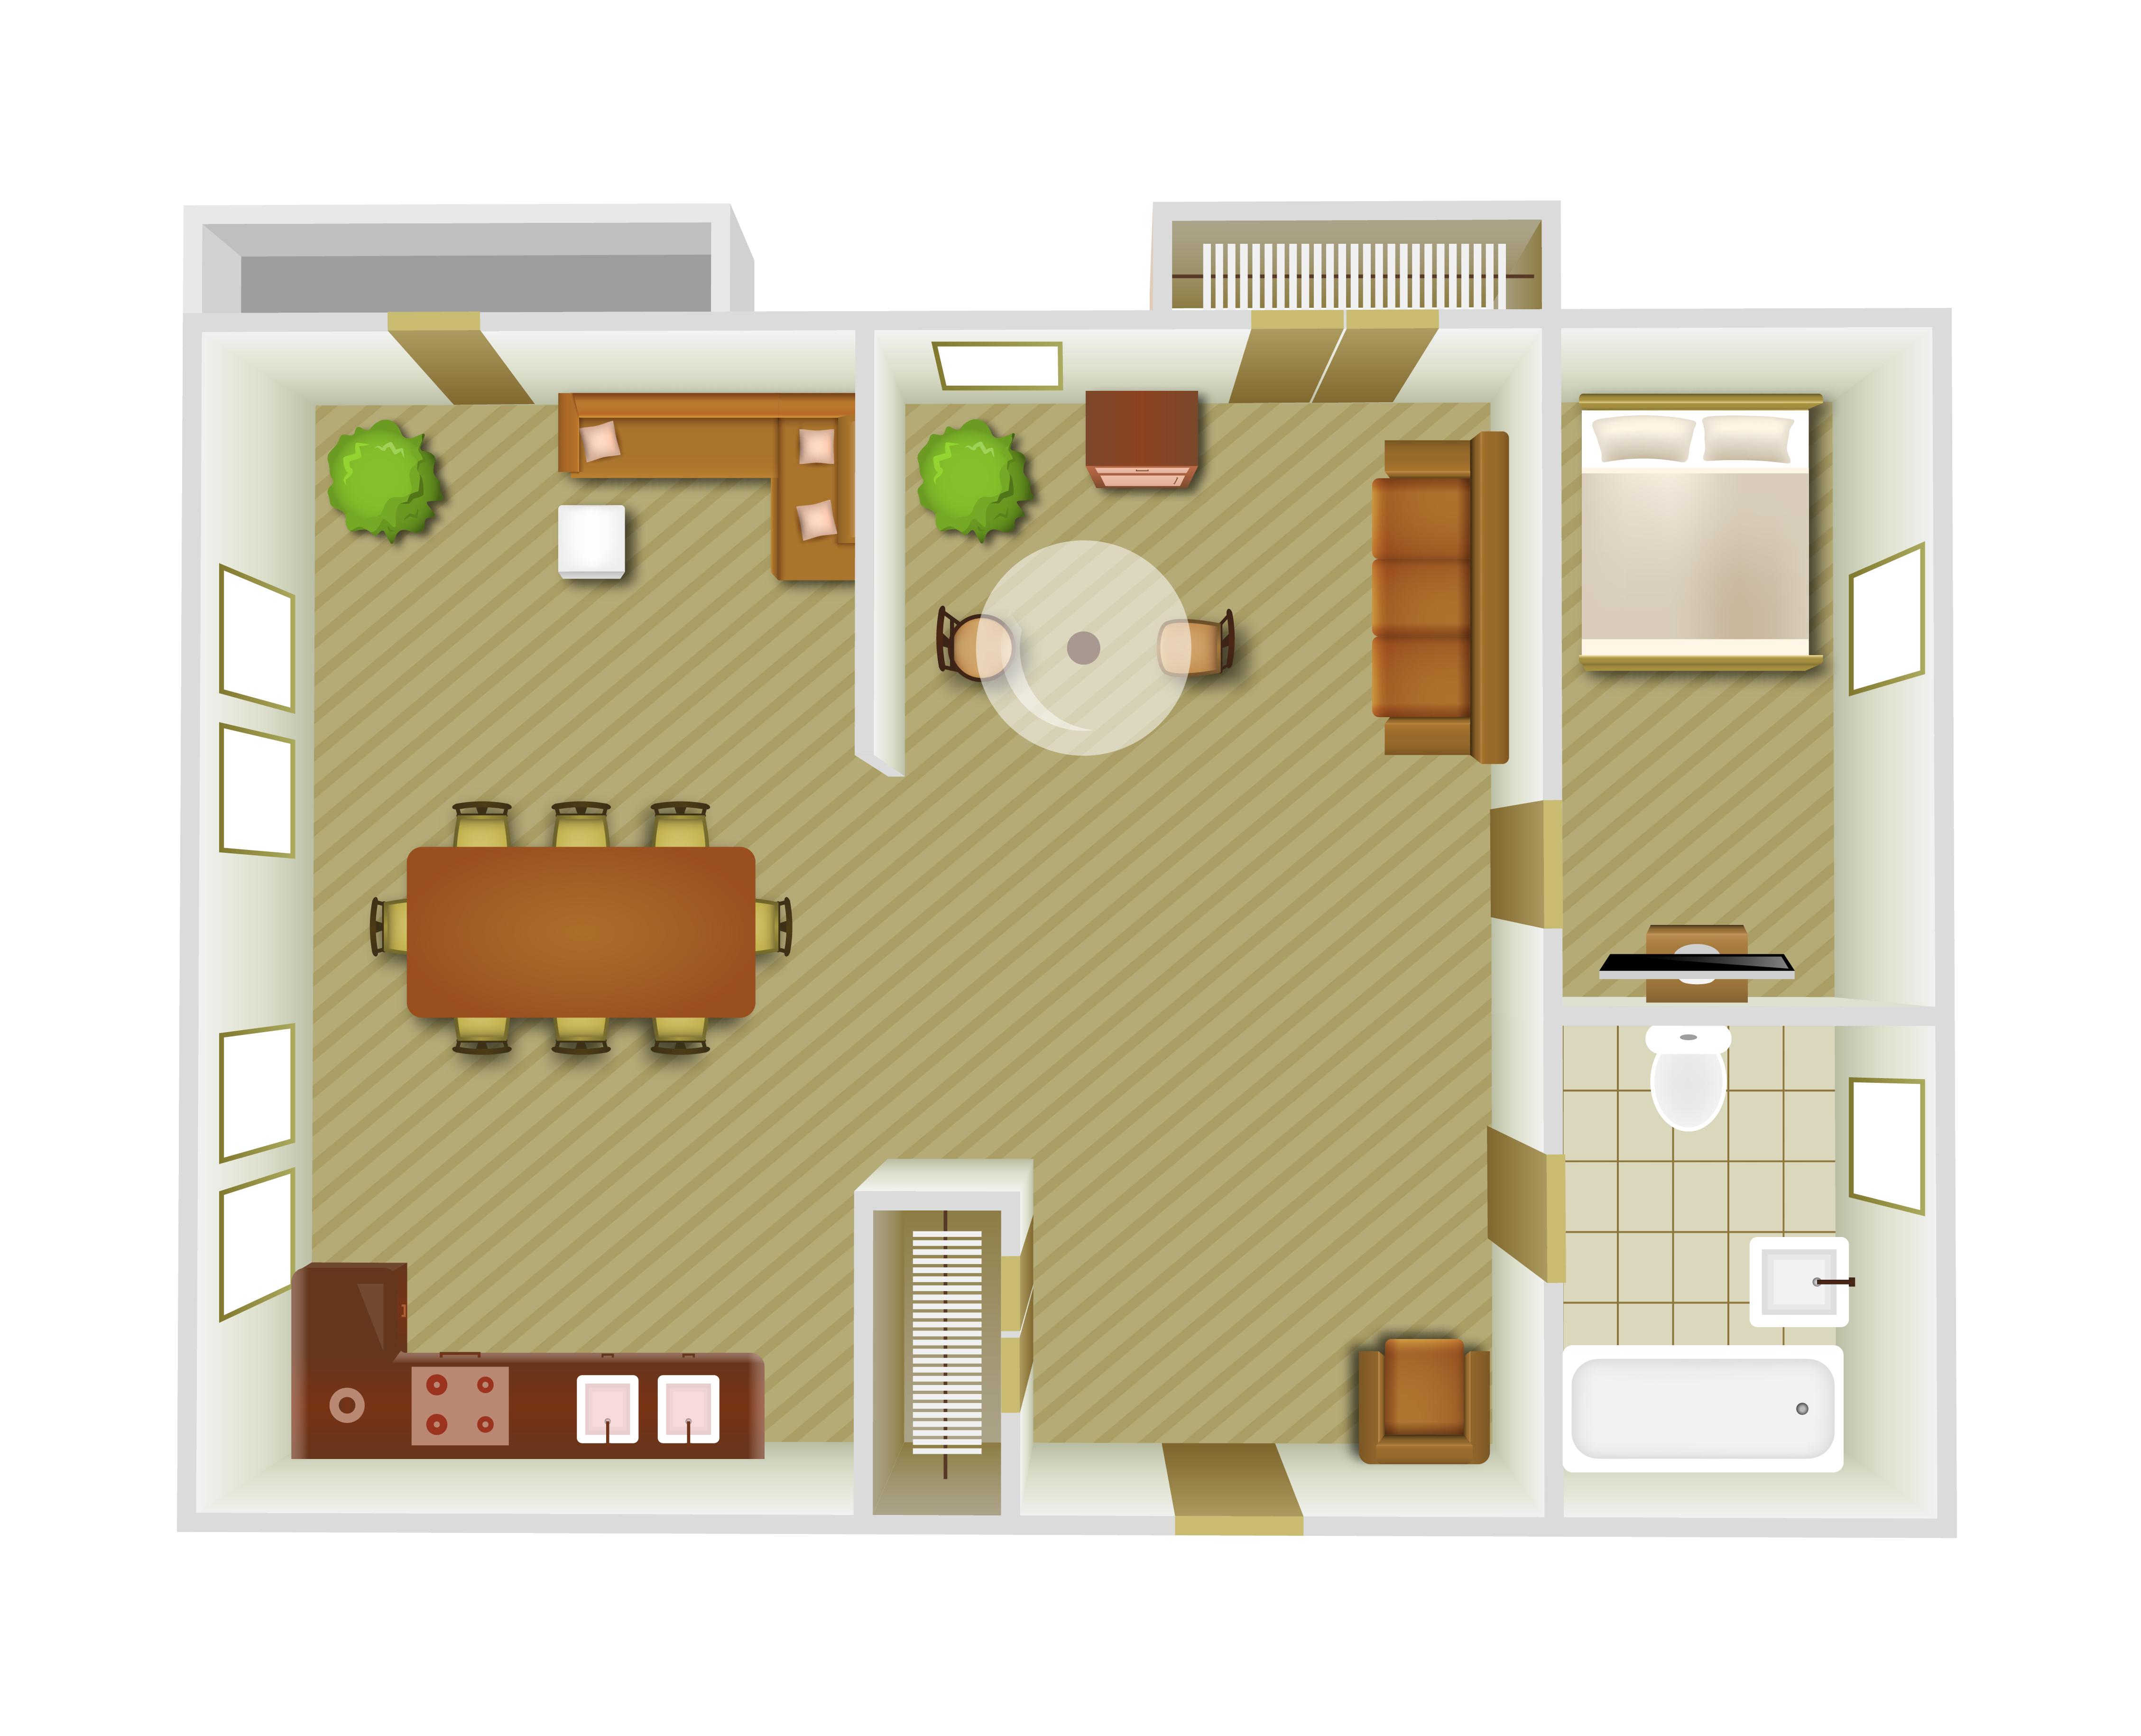 Interior Top View Download Free Vectors Clipart Graphics